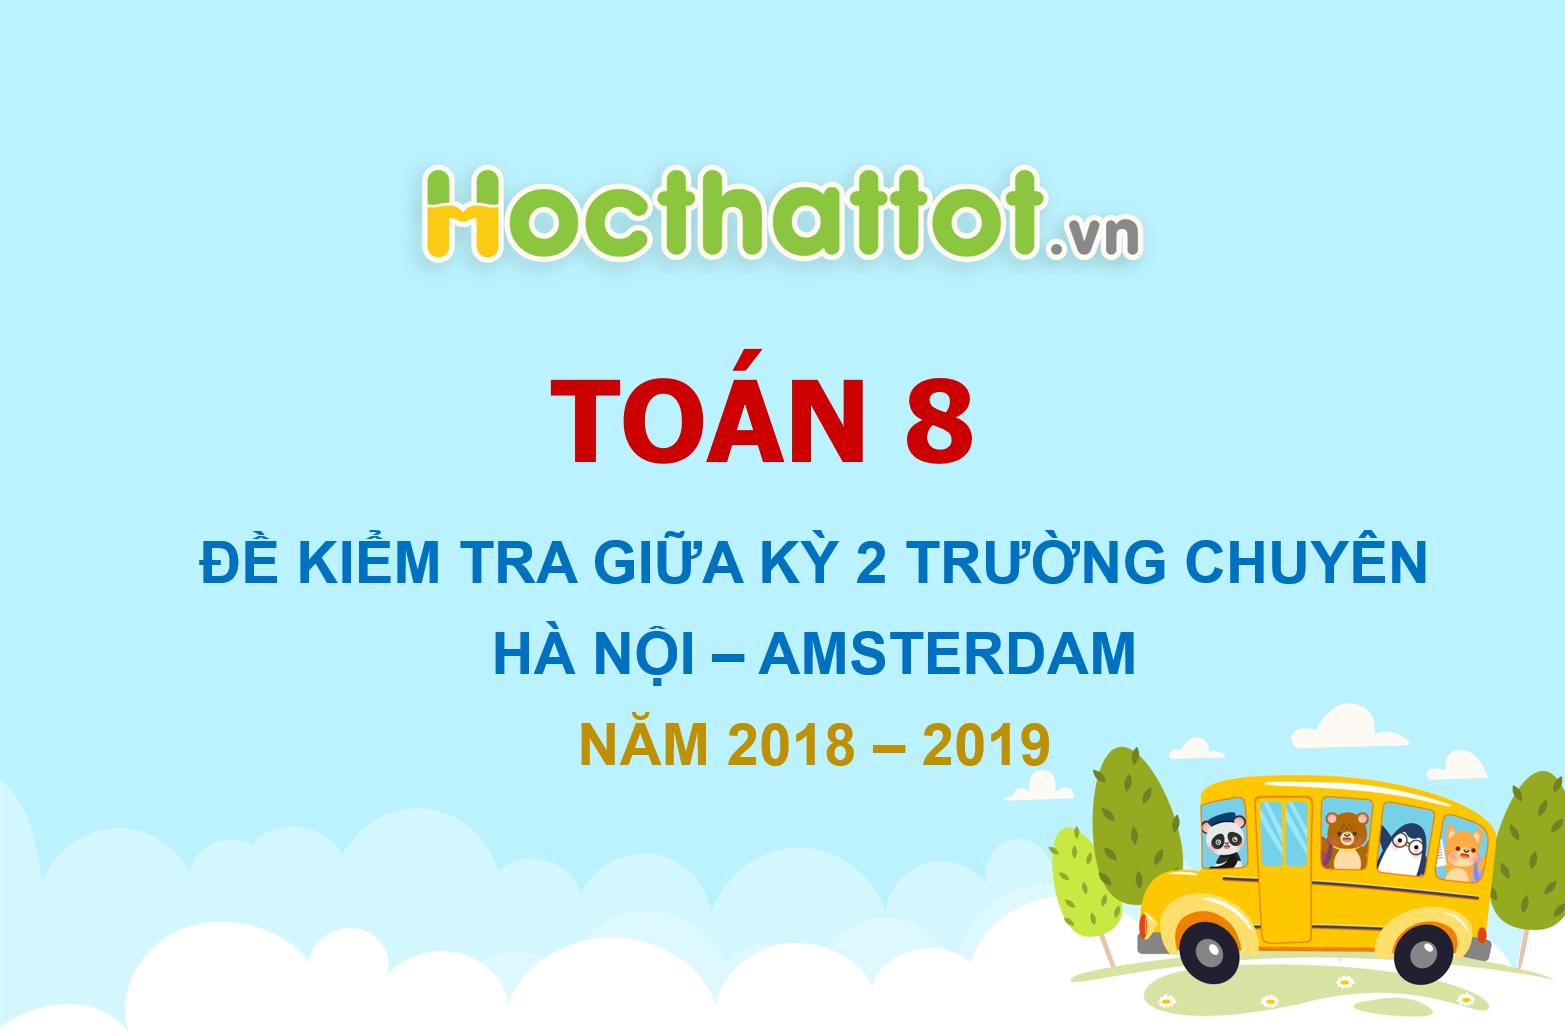 de-kiem-tra-giua-ky-2-toan-8-nam-2018-2019-truong-chuyen-ha-noi-amsterdam